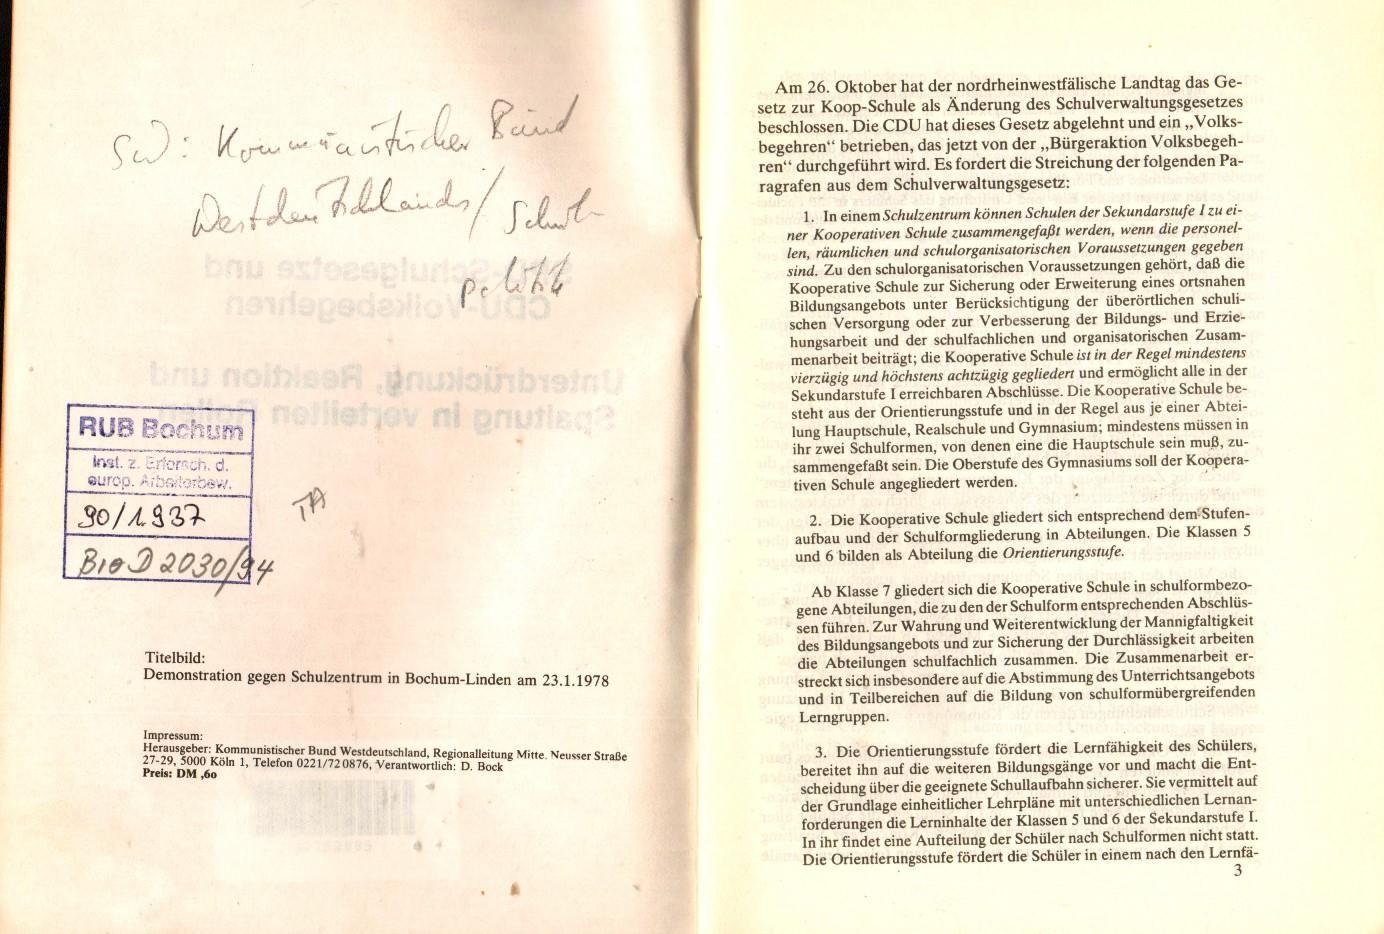 NRW_KBW_1978_SPD_Schulgesetze_03